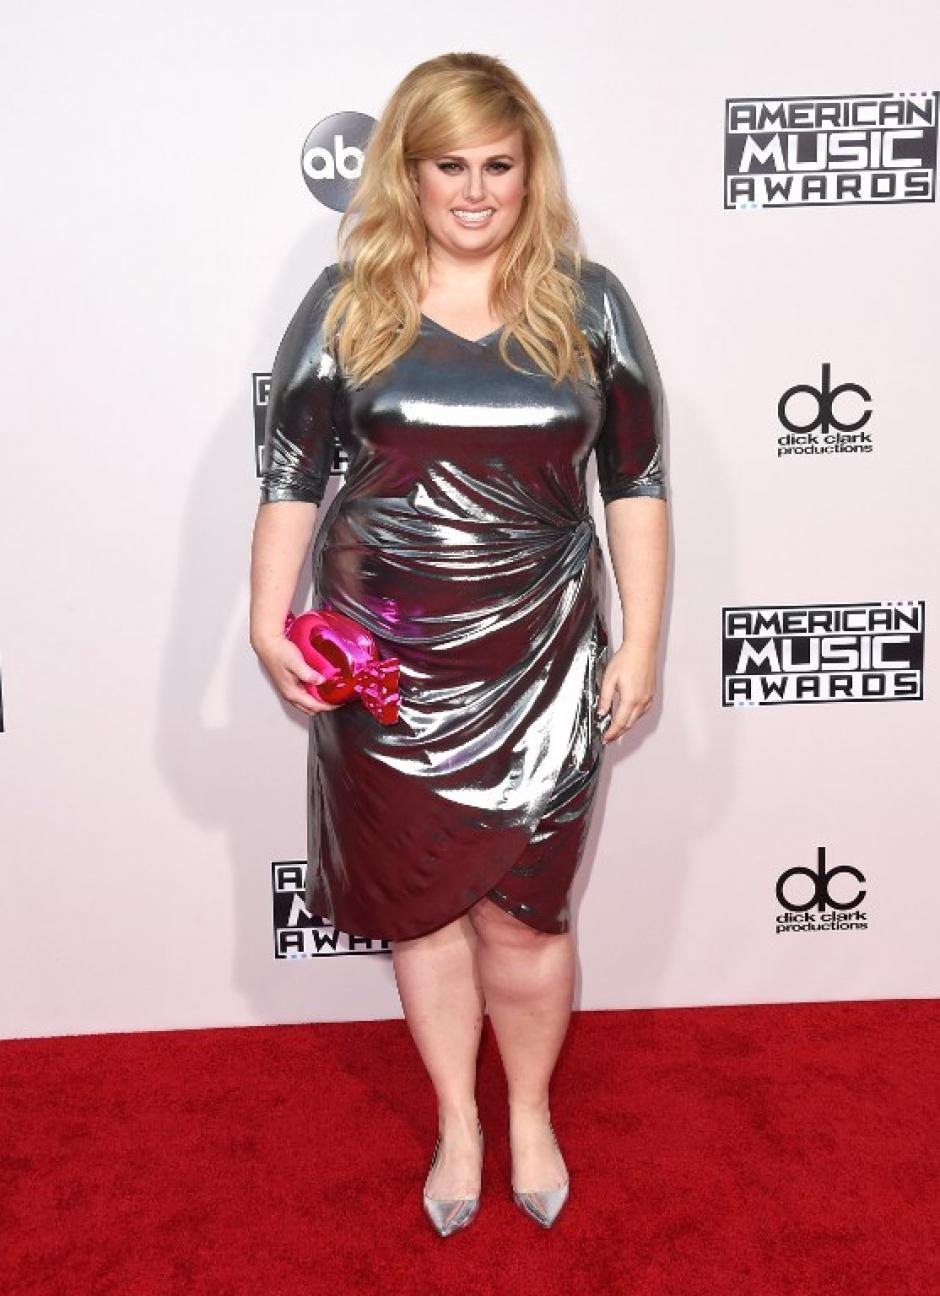 Por la alfombra roja de los American Music Awards pasa la actrizRebel Wilson. (Foto: Jason Merritt / AFP)